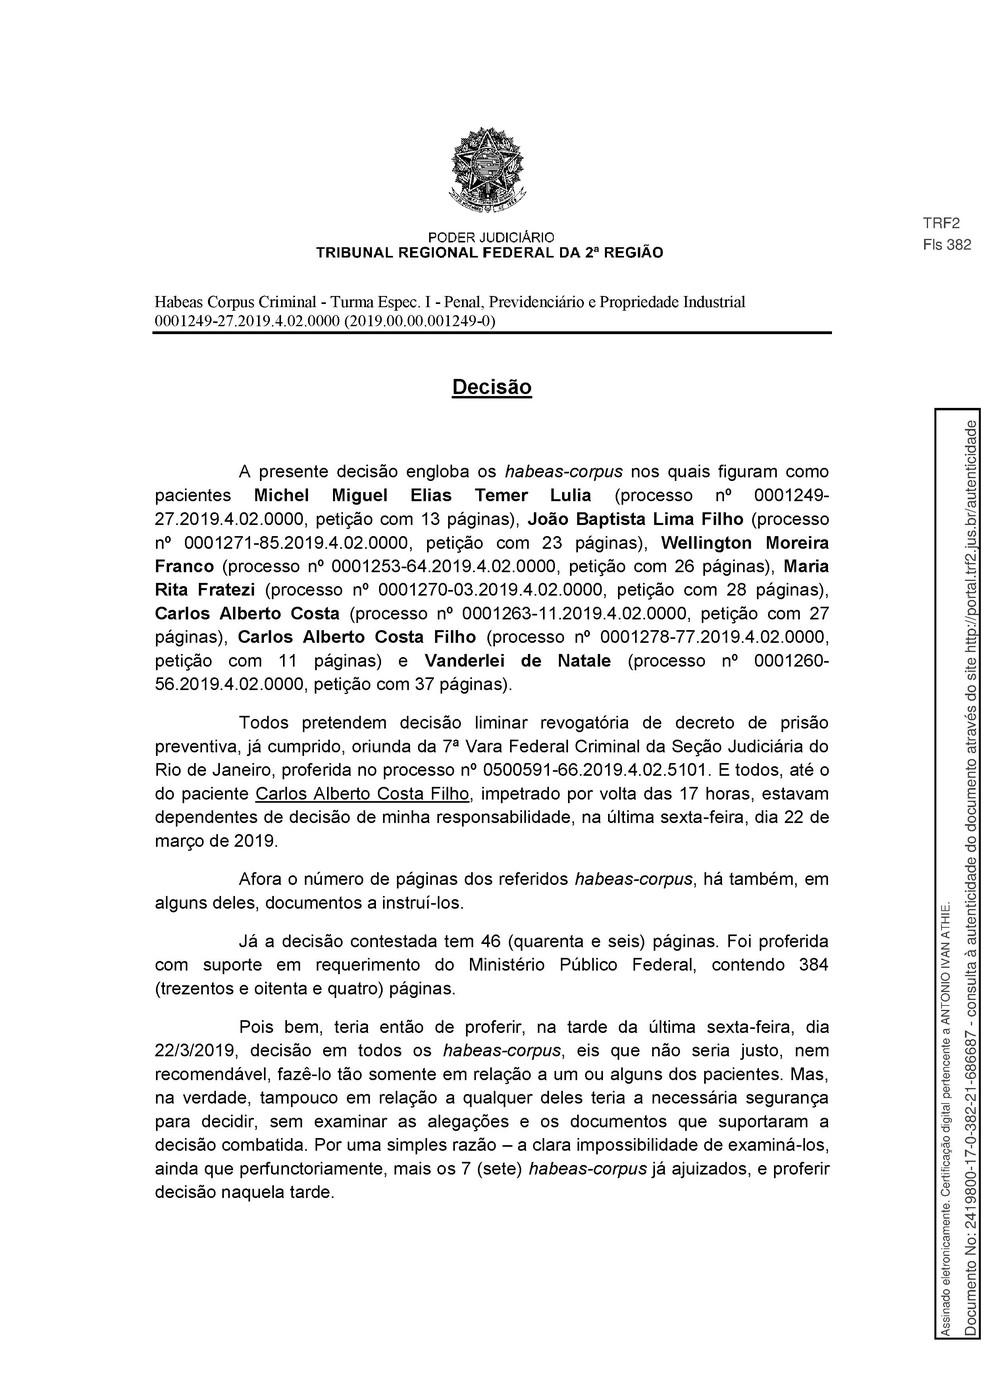 Decisão TRF 2 - pg 1 — Foto: Reprodução